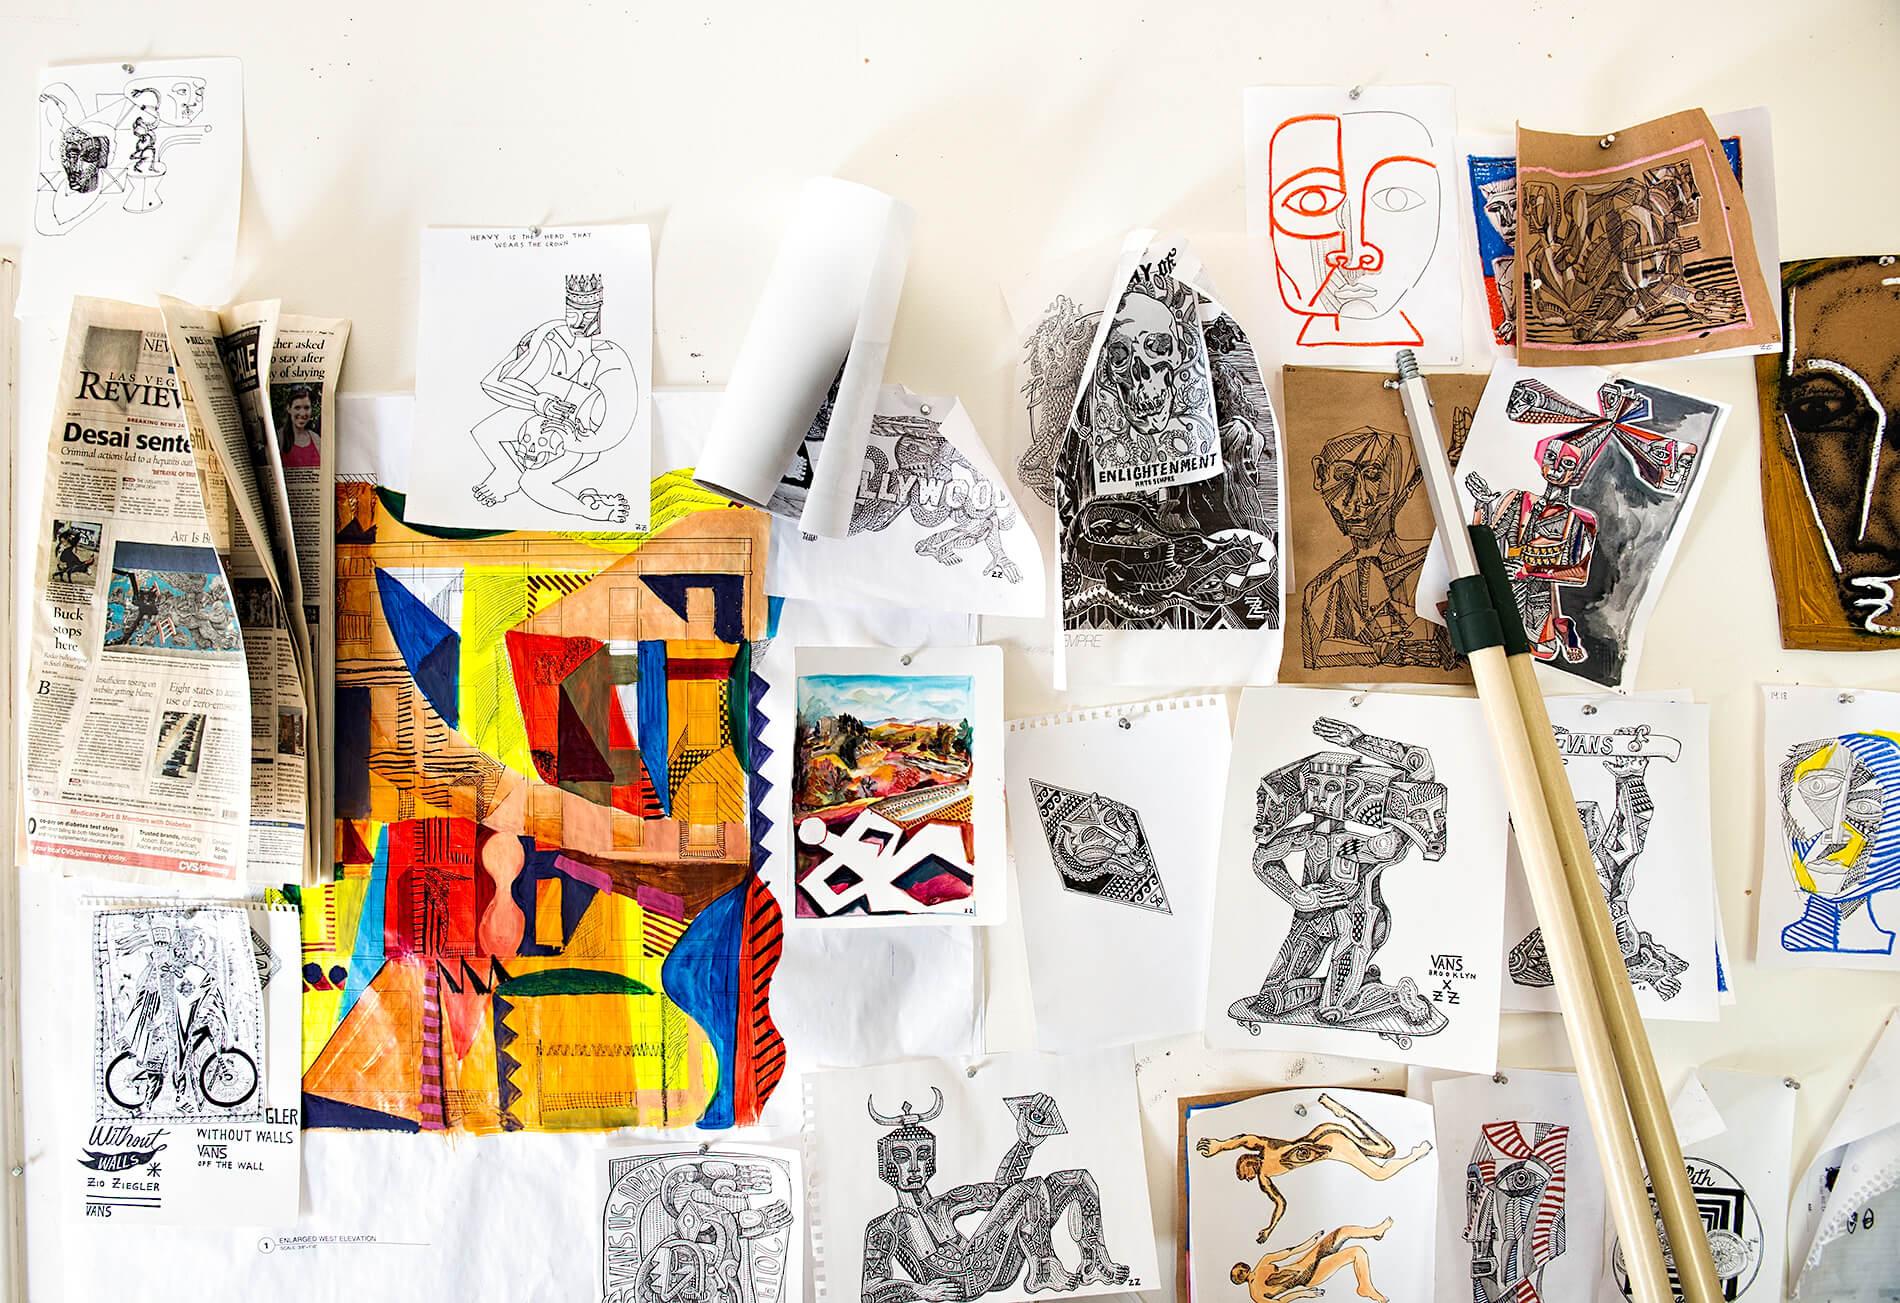 Zio Ziegler sketches